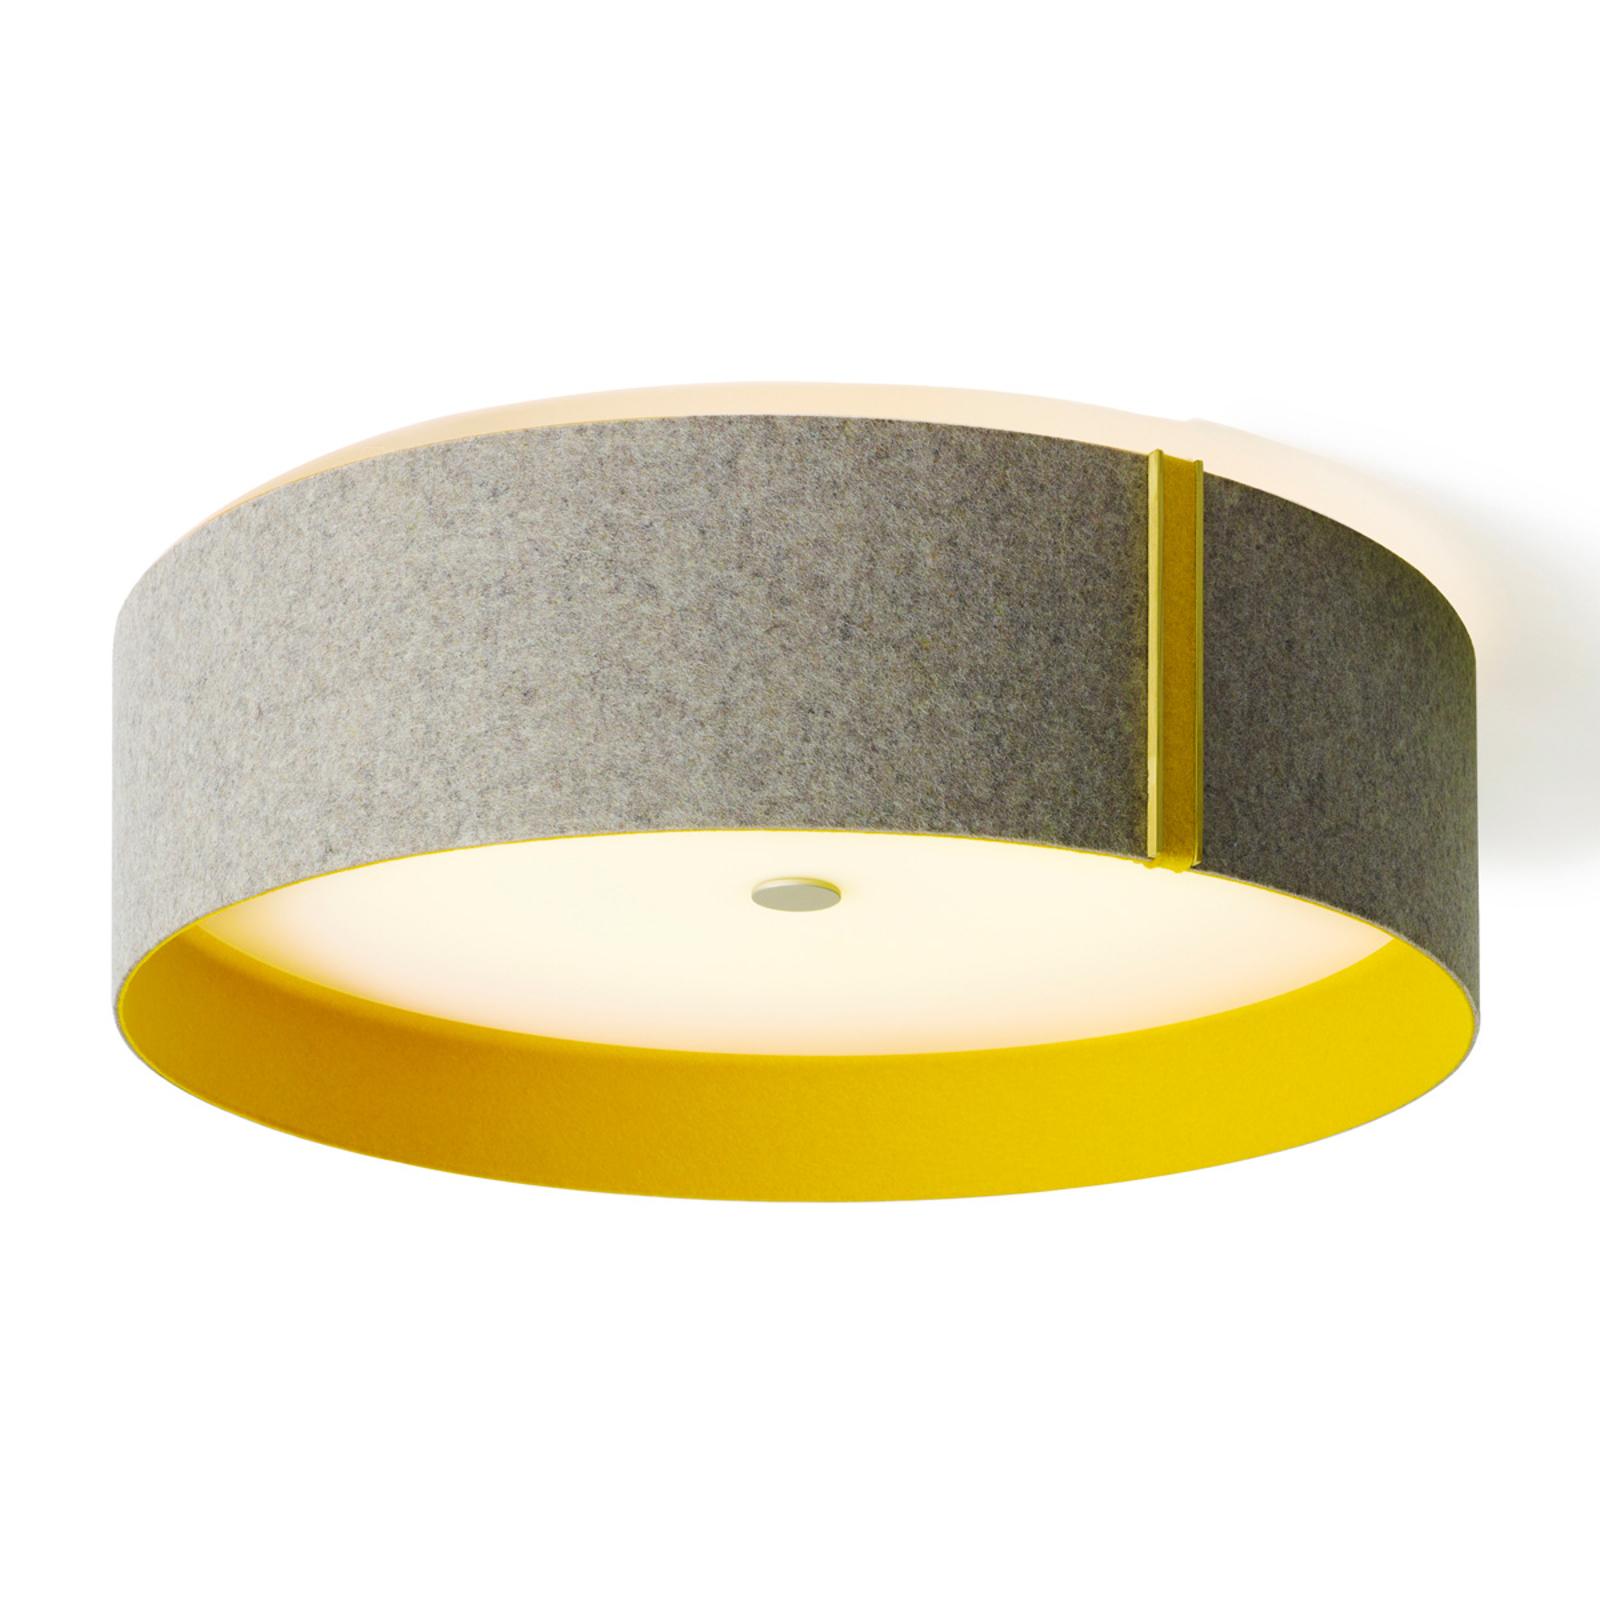 Loftlampe Lara felt i filt, LED, grå-karry